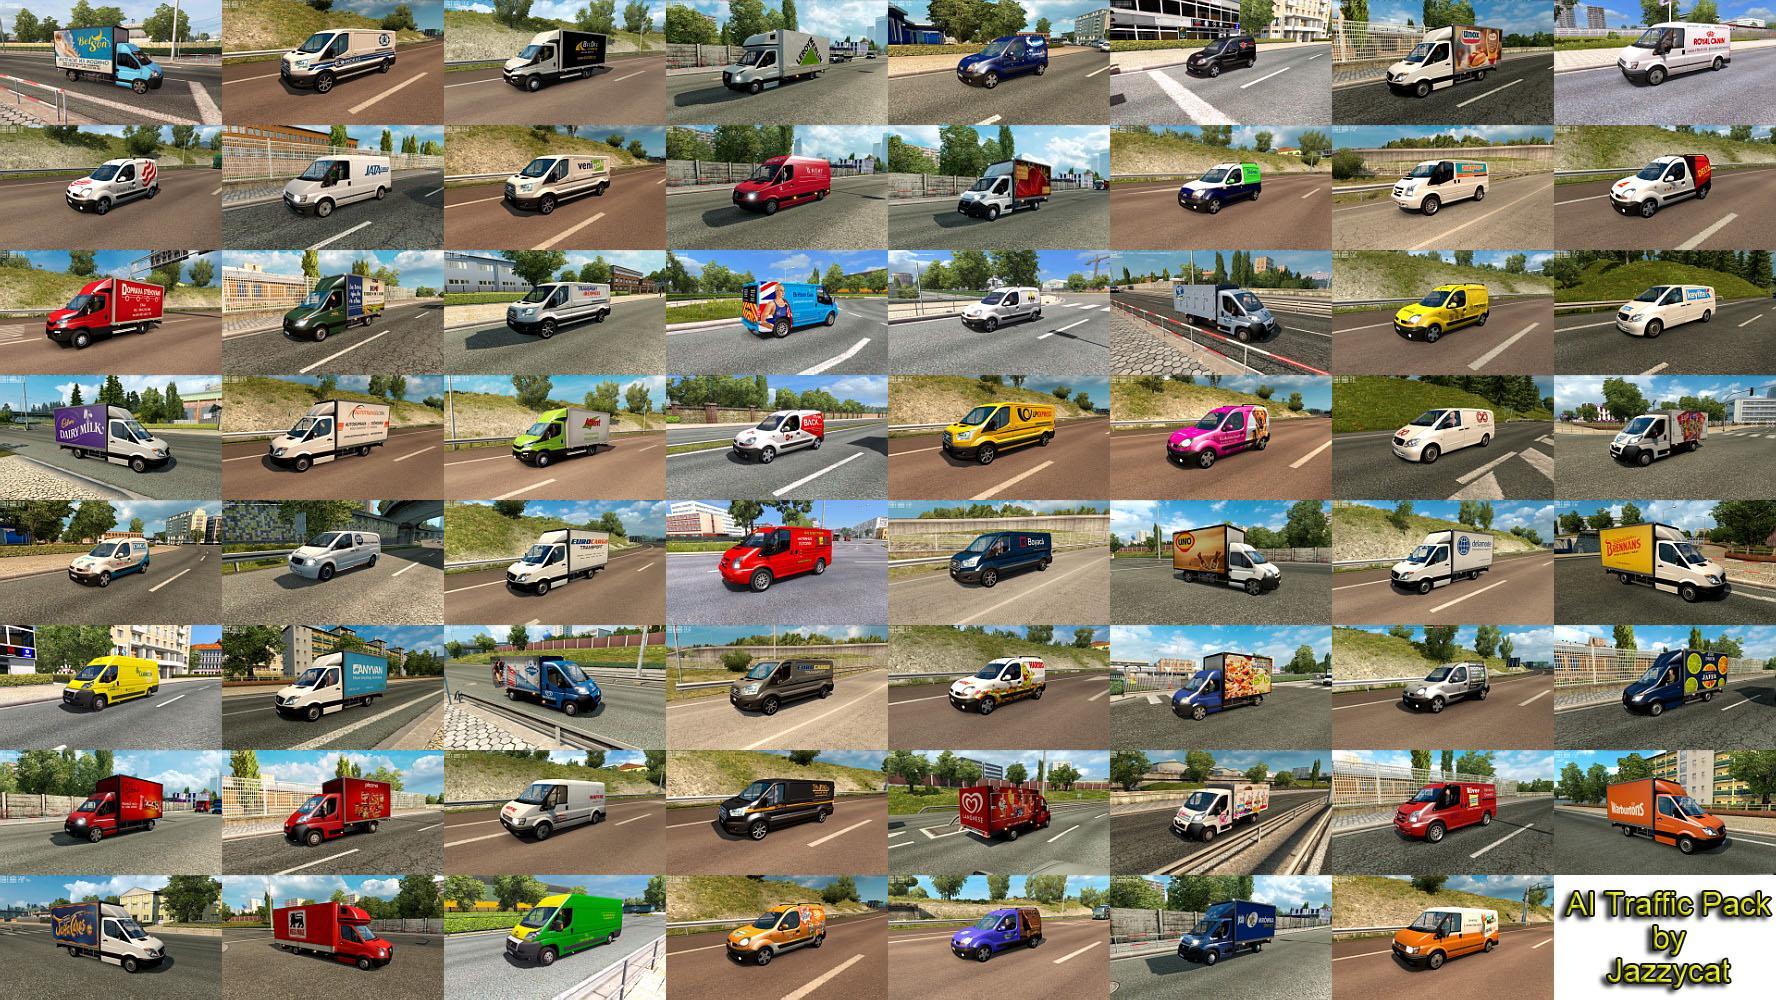 Ai Traffic Pack By Jazzycat V8 6 Mod Ets2 Mod